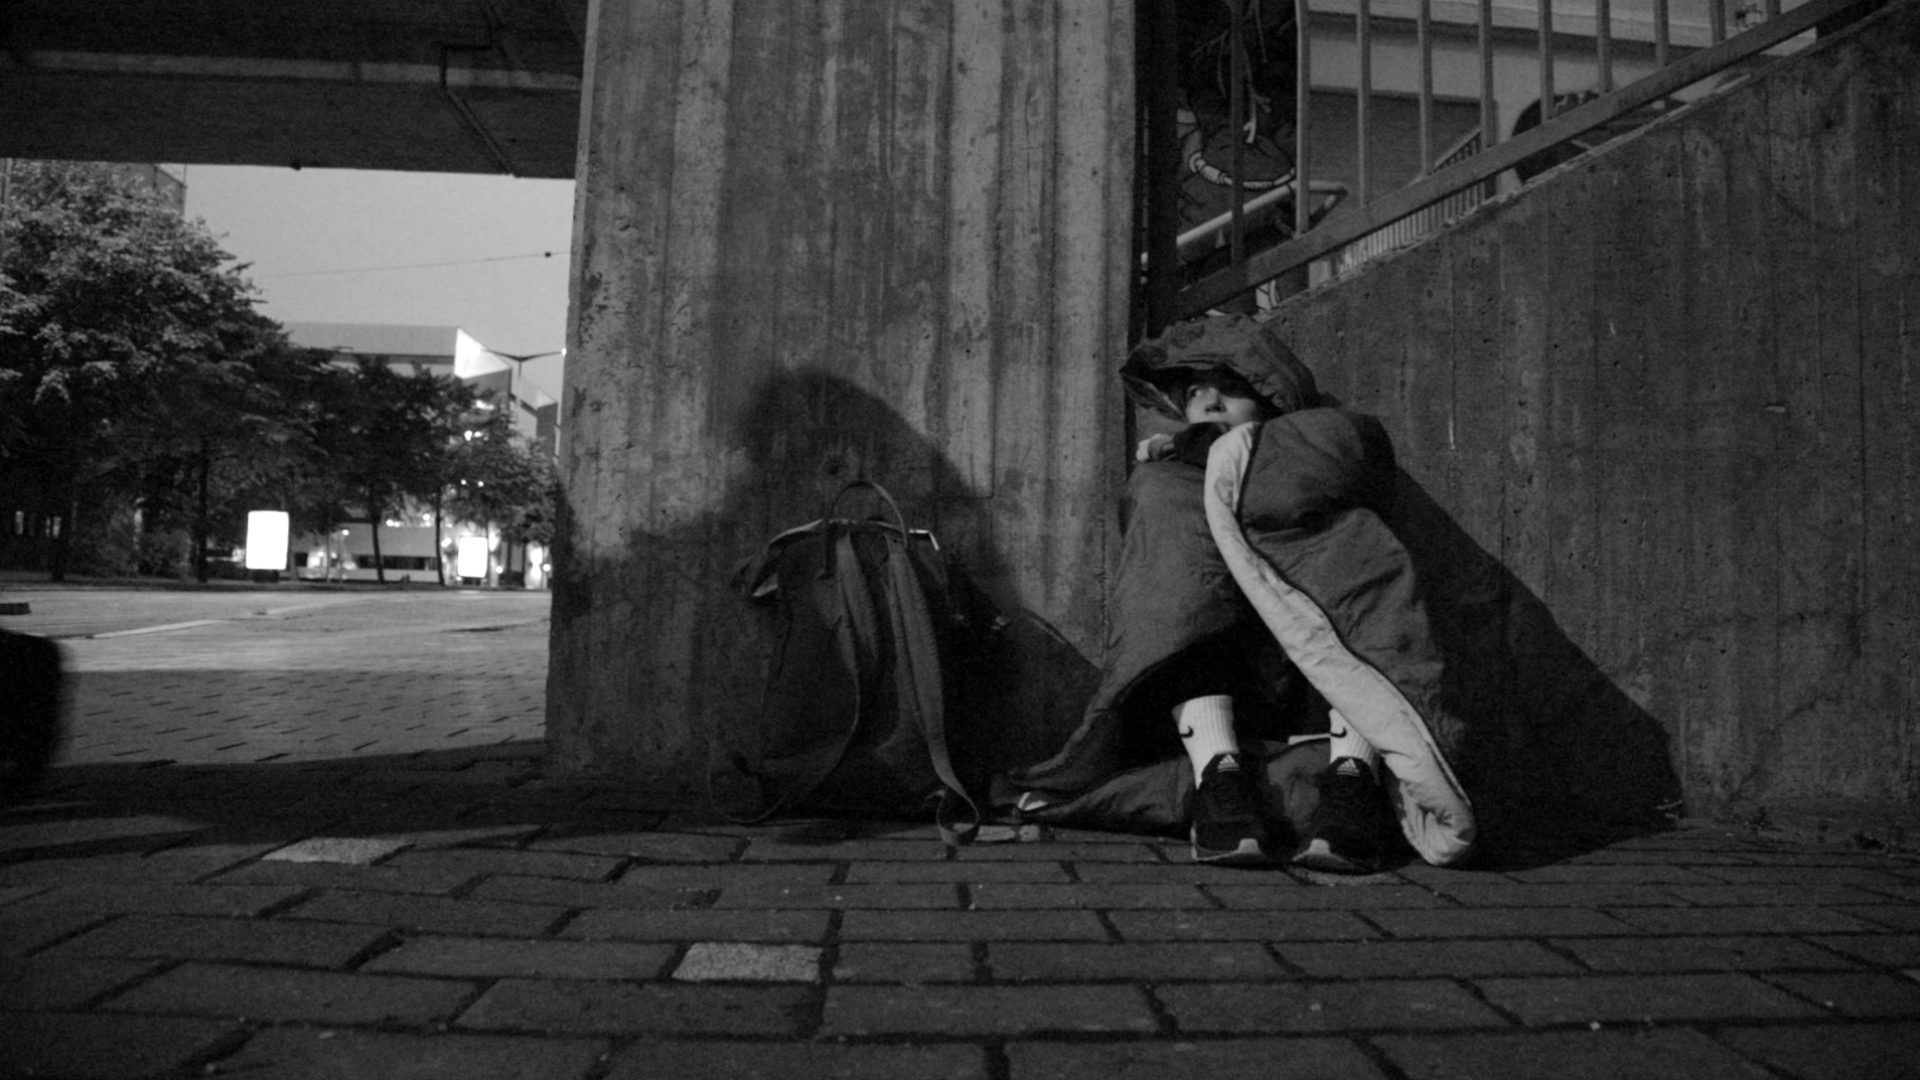 Mustavlkoinen kuva makuupussiin kietoutuneesta nuoresta kadulla, joka pelästyy ohikulkijoiden varjoja.